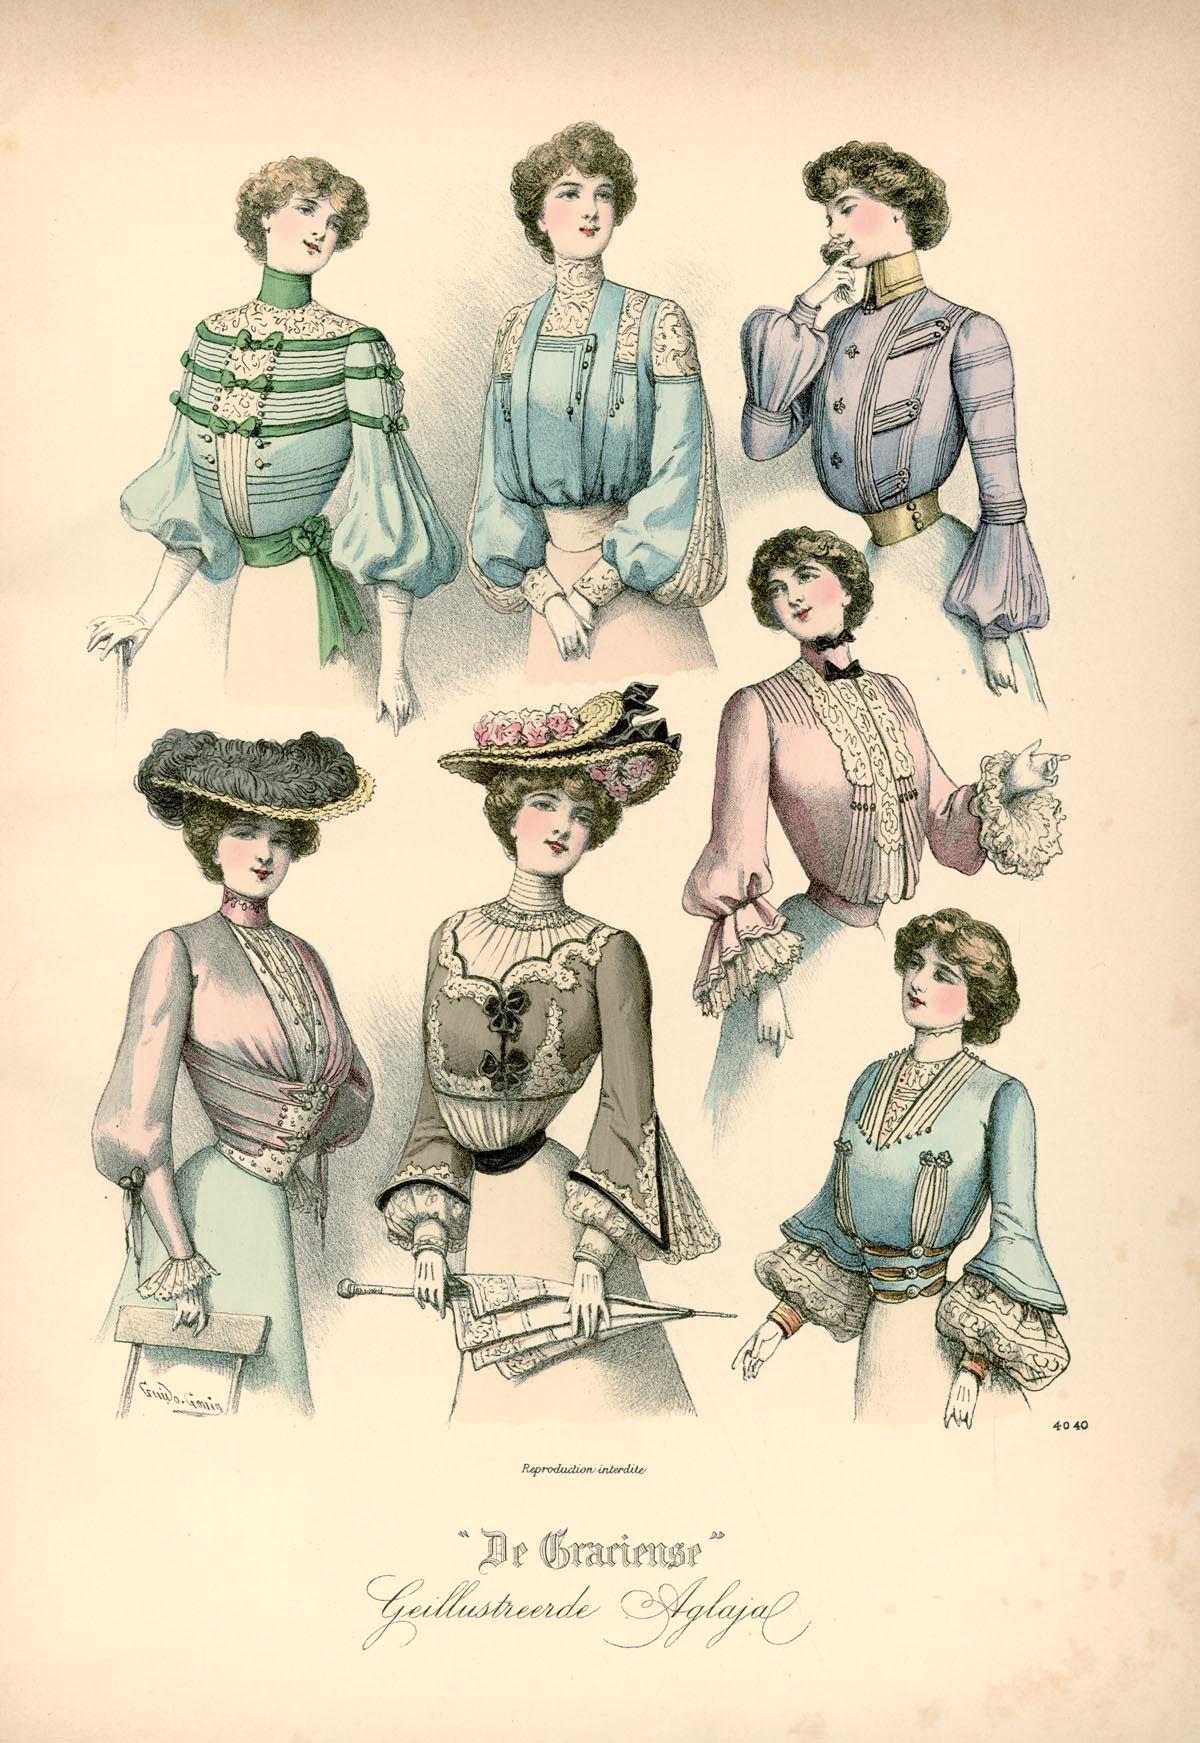 [De Gracieuse] Blouses en tailles voor den zomer (May 1902)